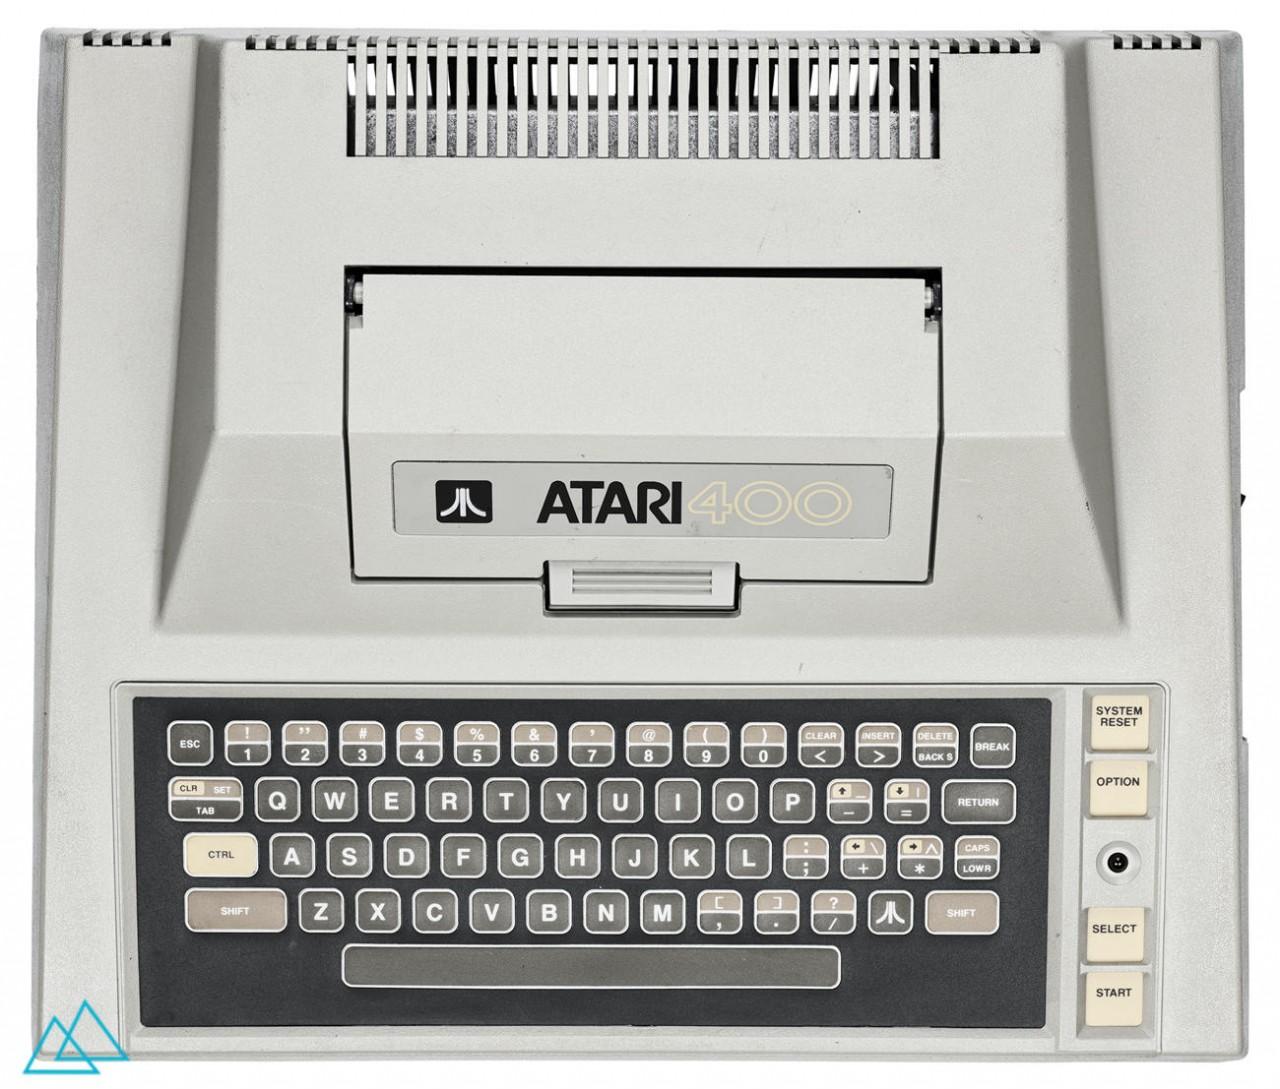 # 032 Atari 400